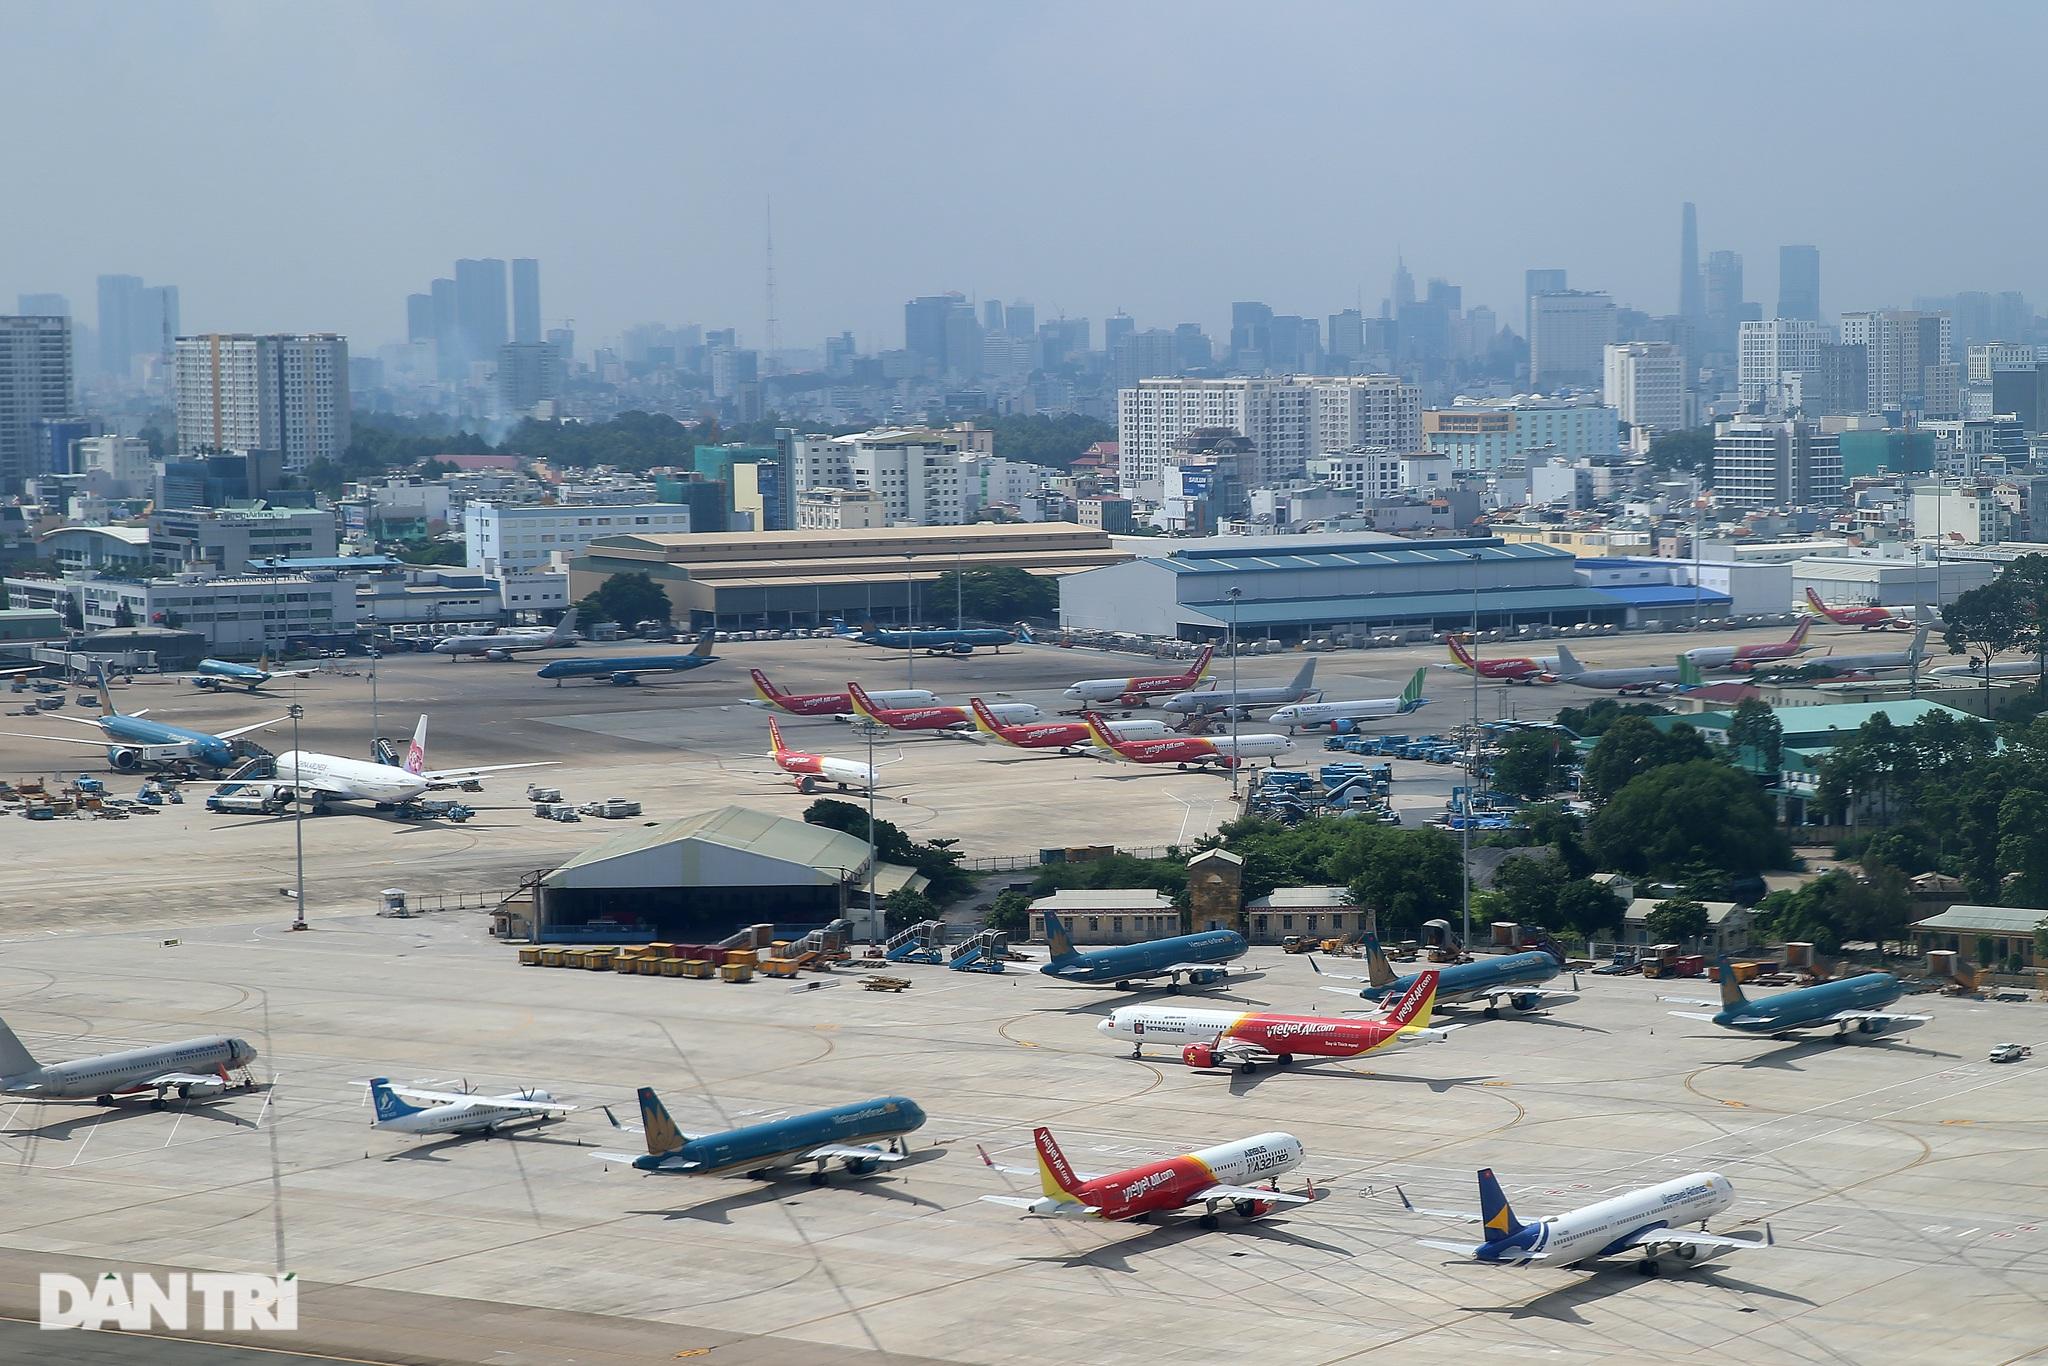 Ám ảnh hàng trăm tàu bay đắp chiếu nằm la liệt tại Nội Bài, Tân Sơn Nhất - 1